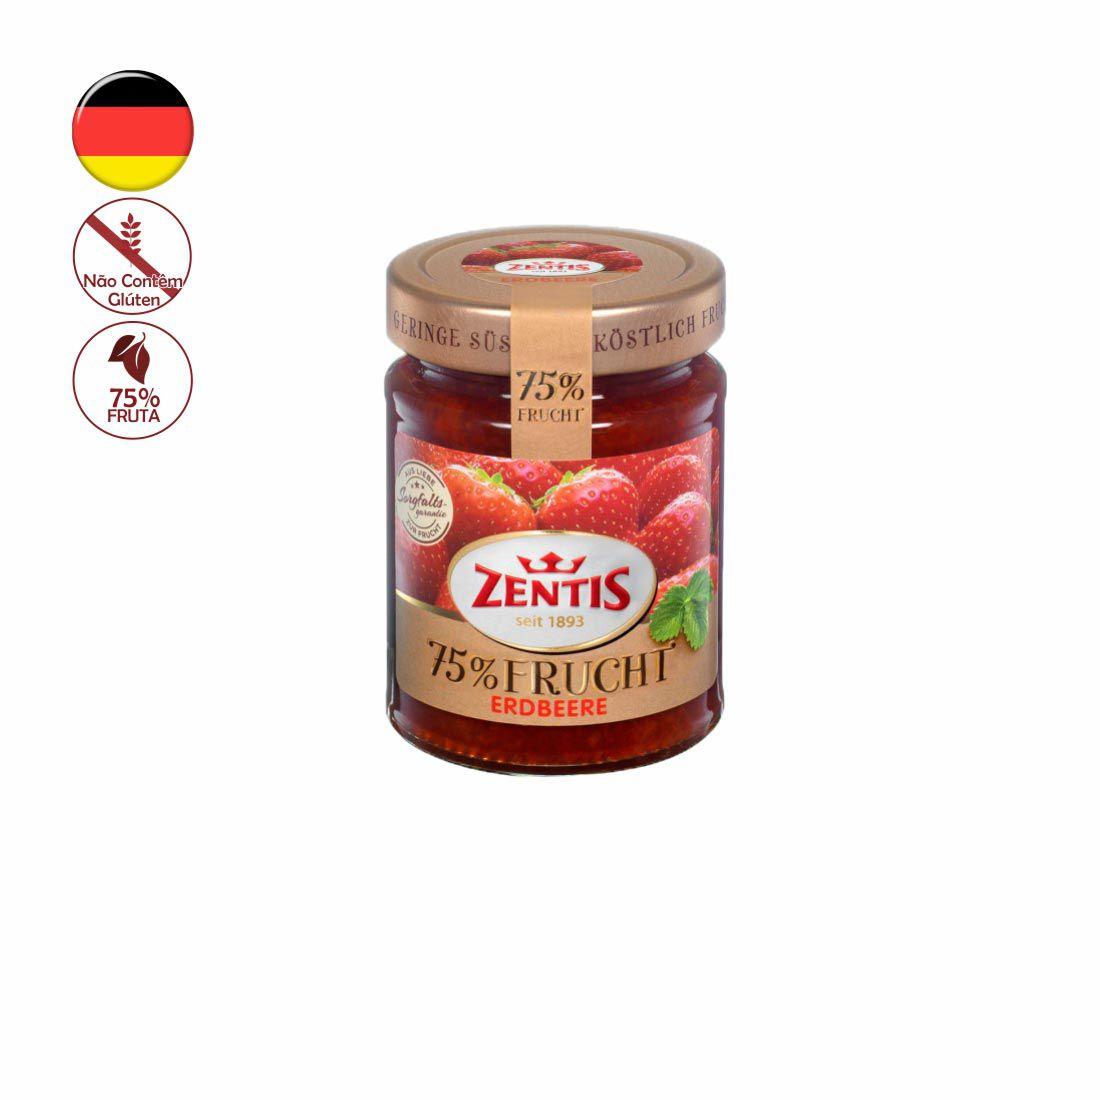 GELEIA ZENTIS MORANGO 75% FRUTA 270G